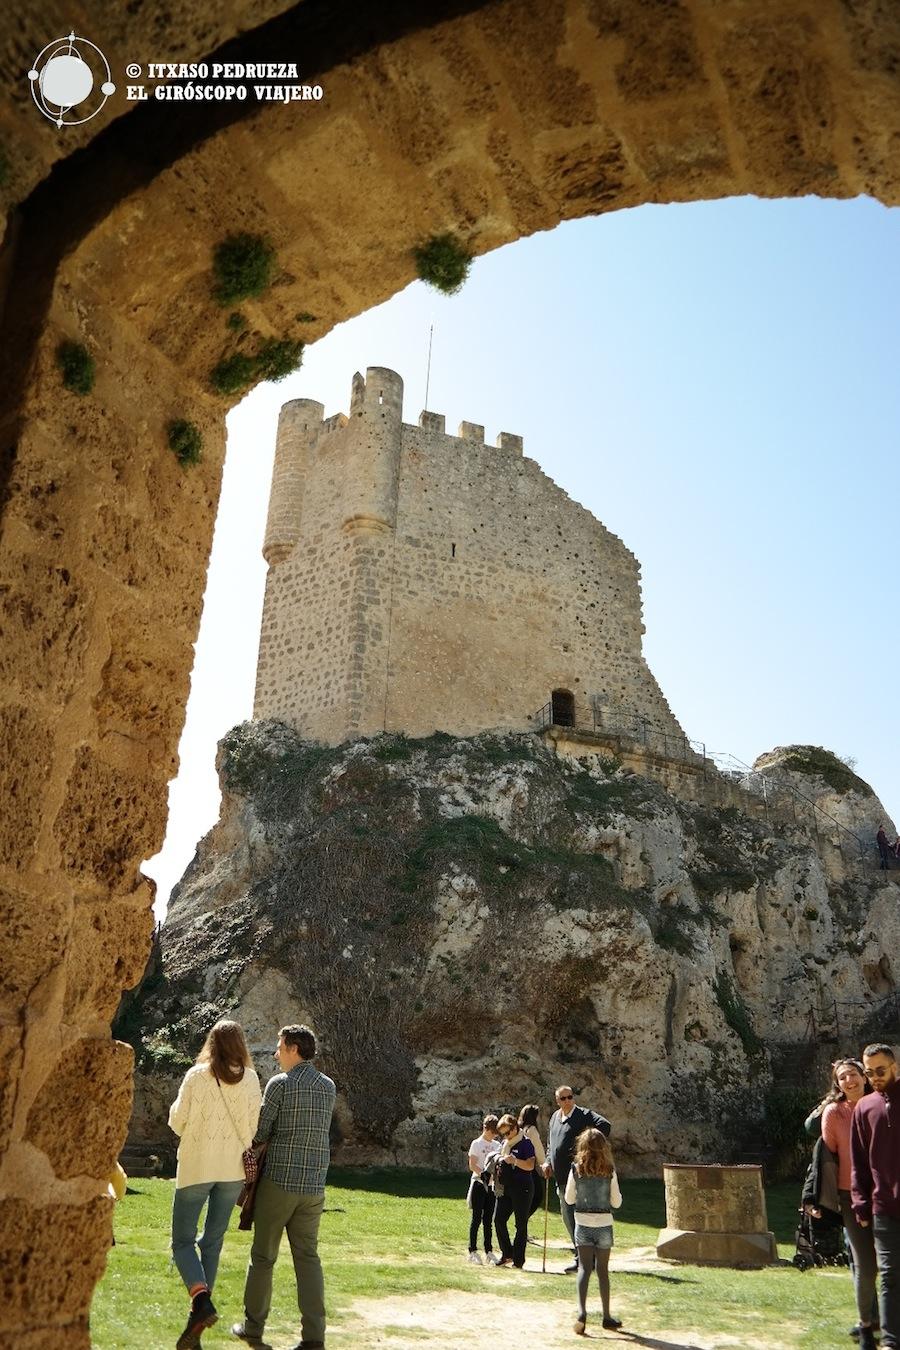 Visita al castillo de Frías